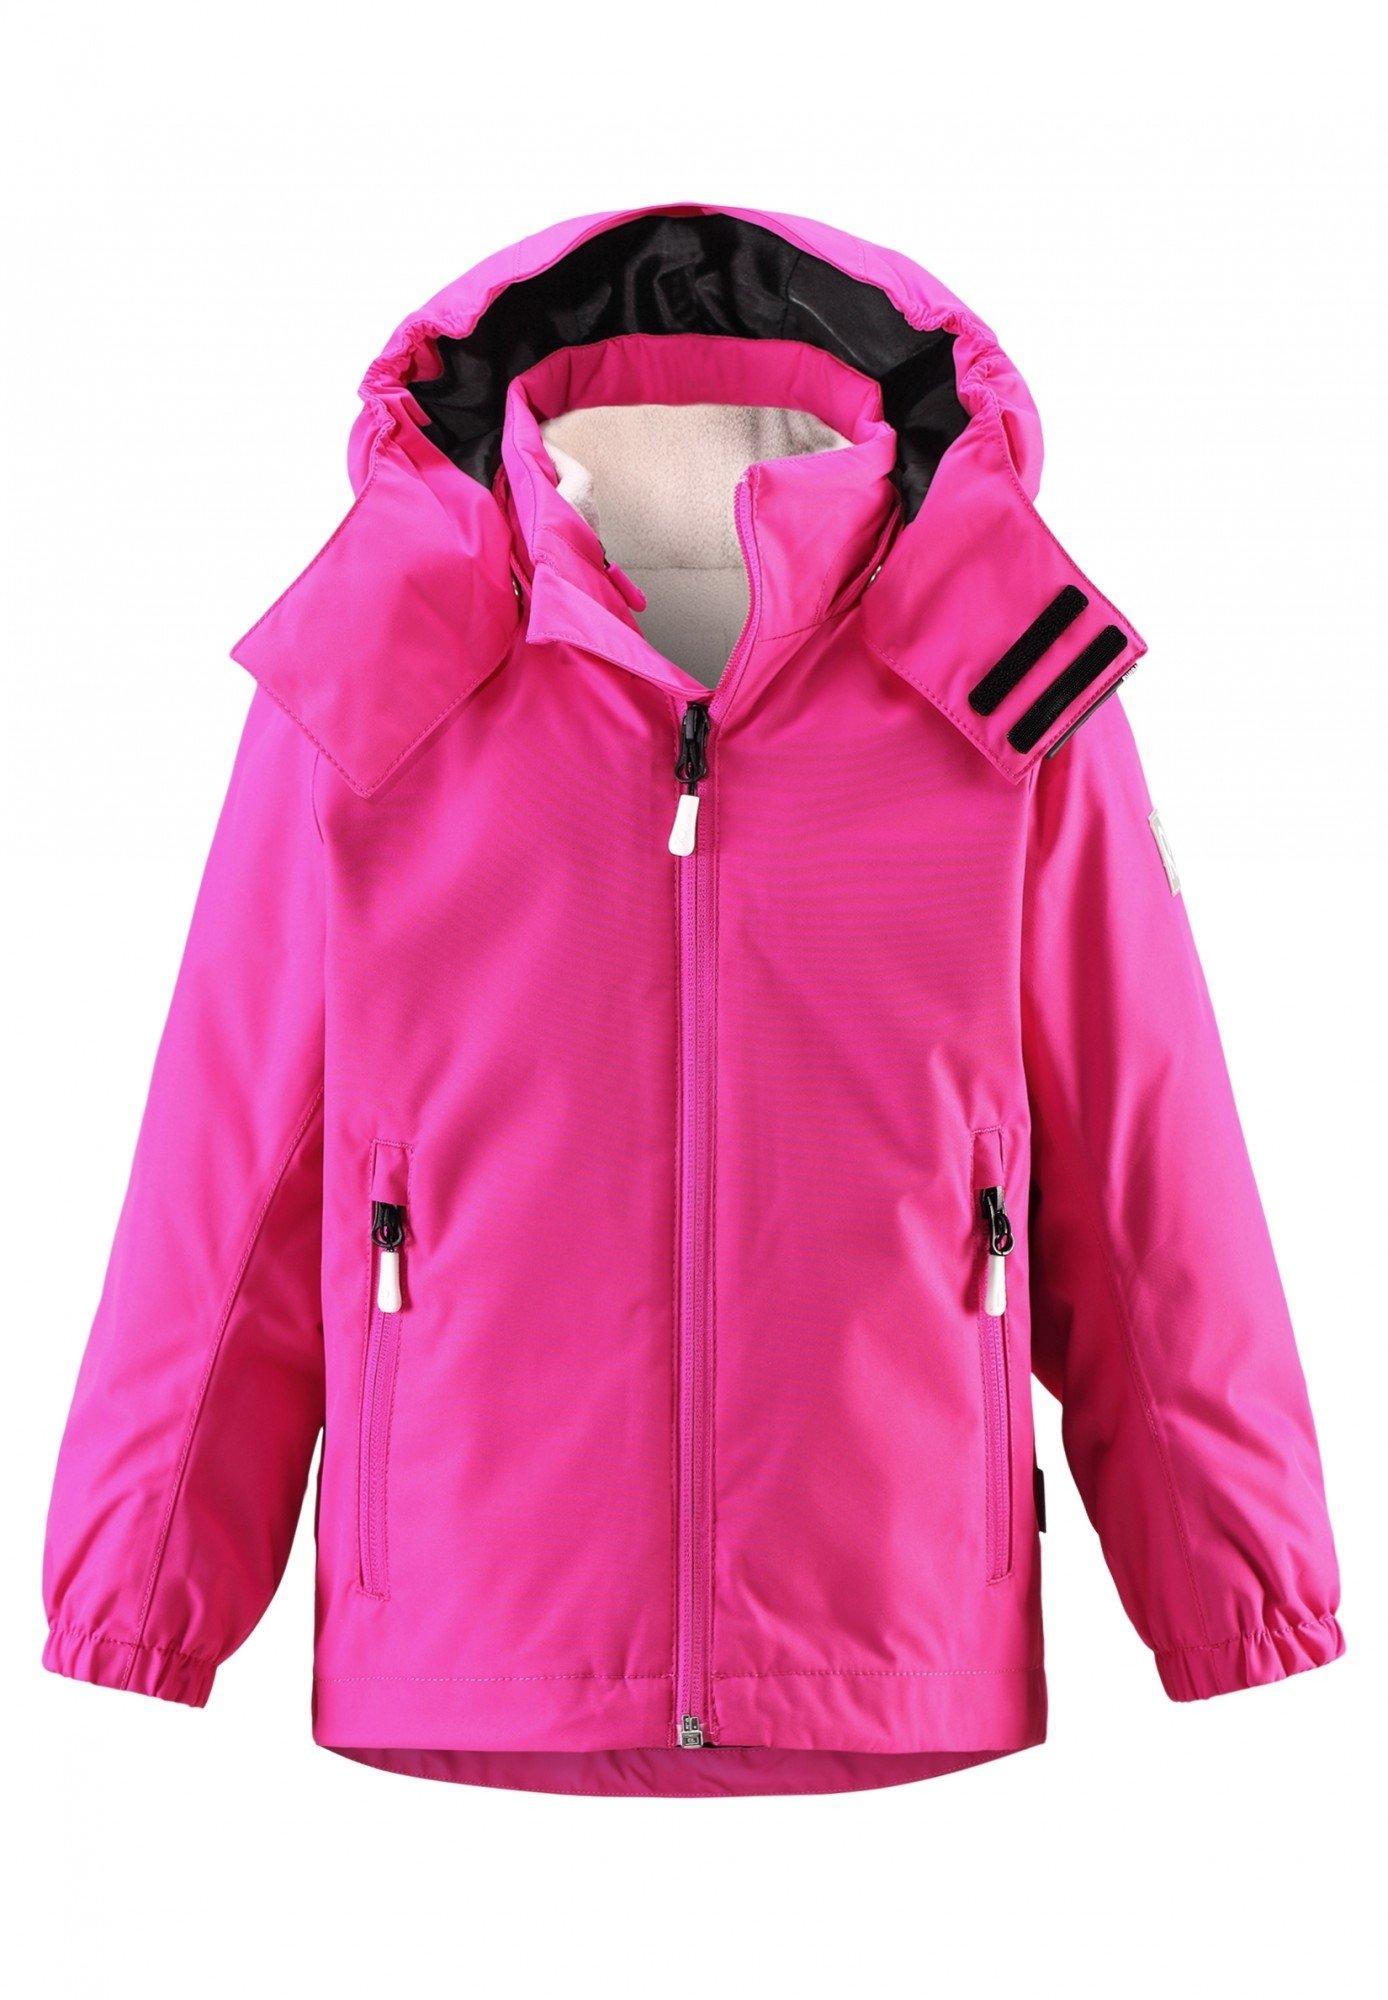 Dětská bunda Reima 521458 Roundtrip pink